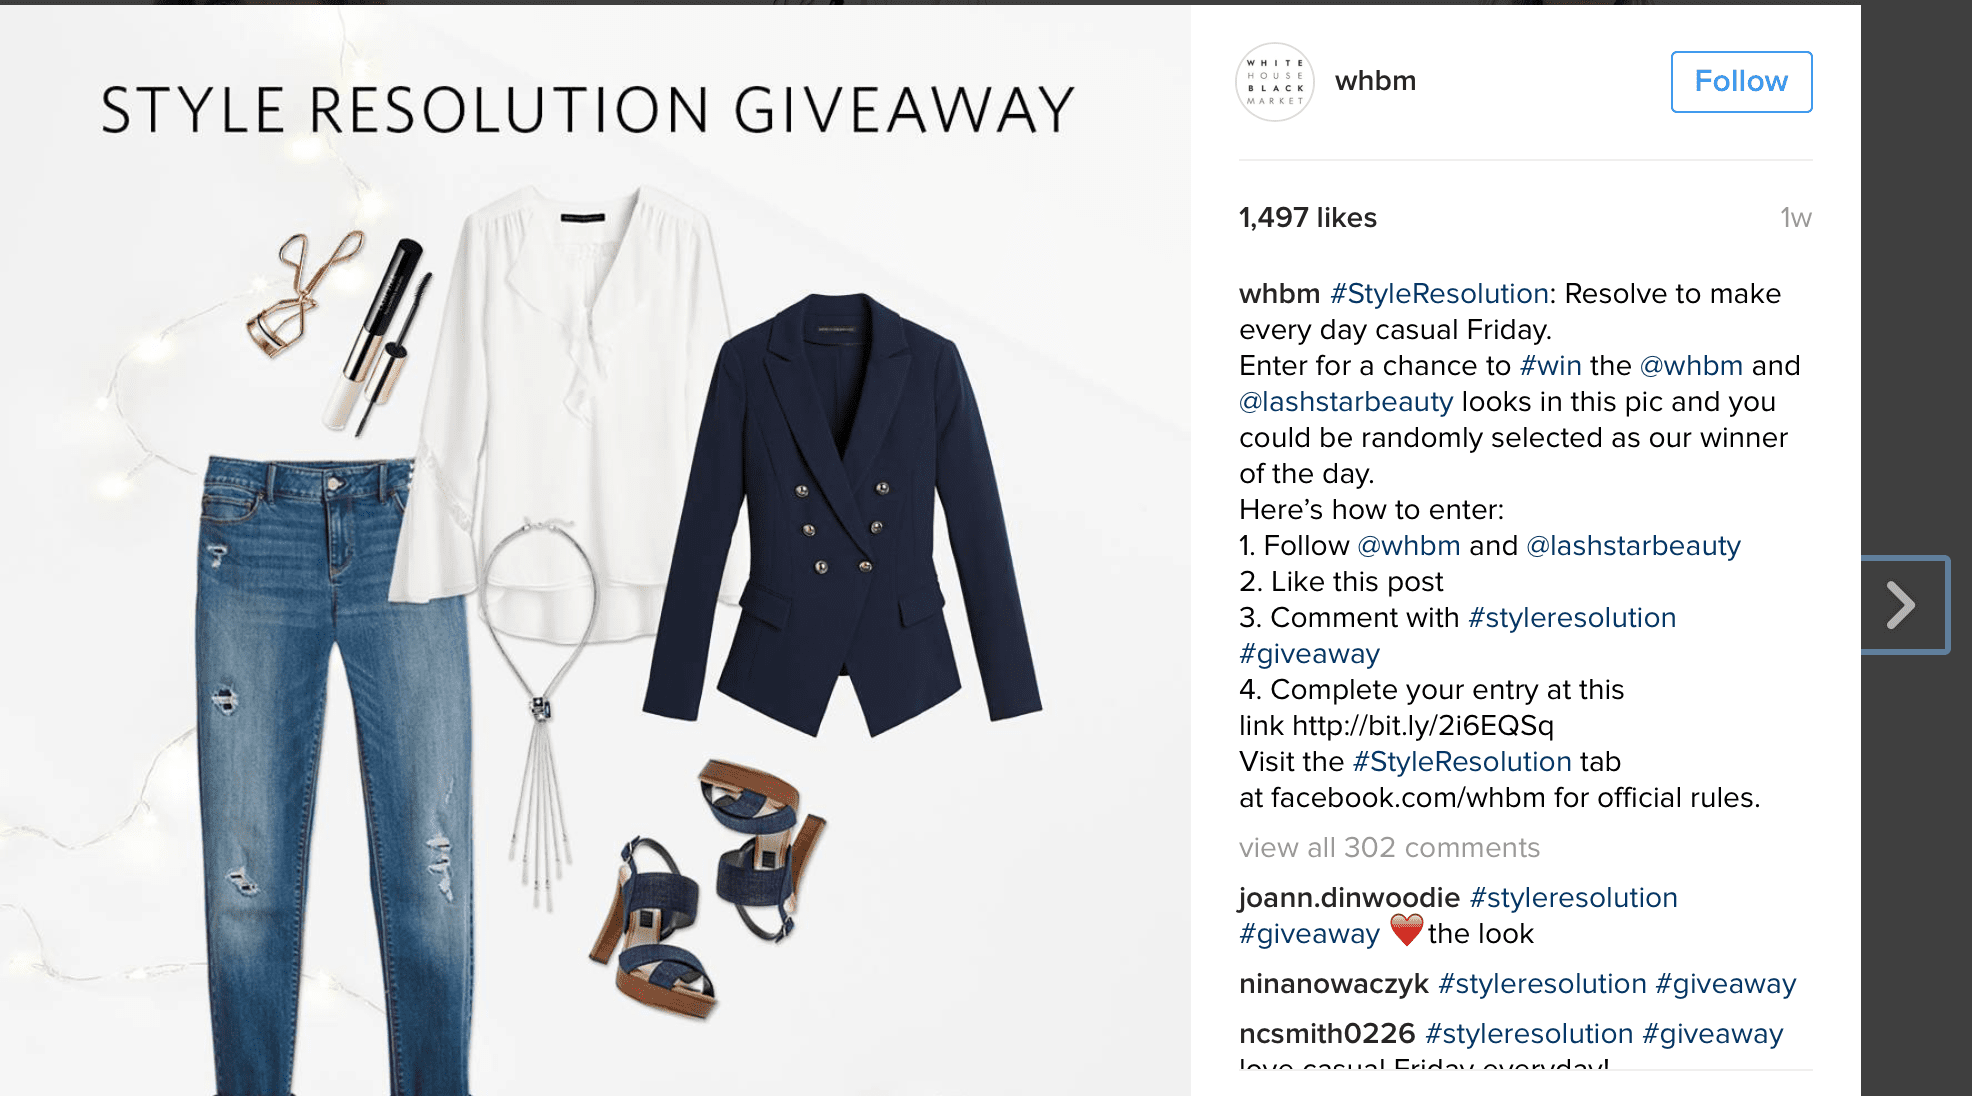 ig hashtag giveaway